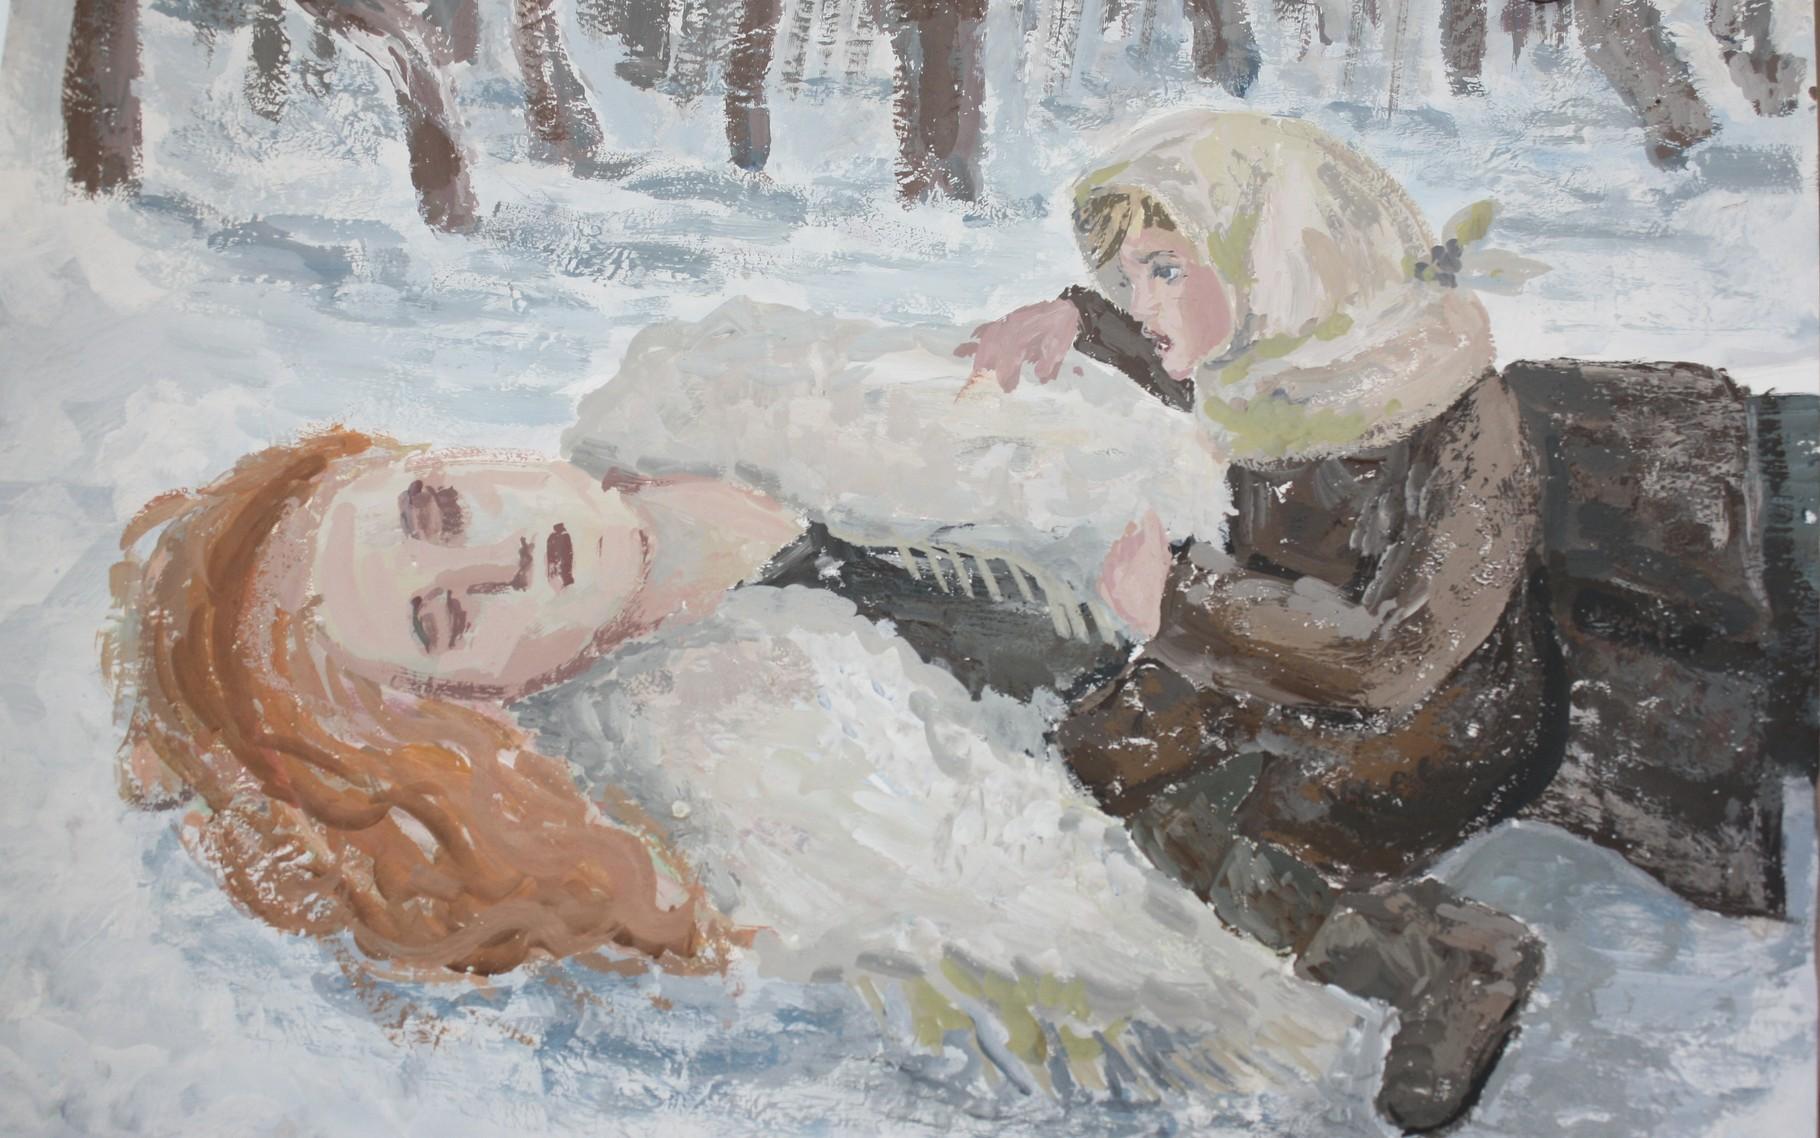 Автор - Воробьёва Марина, пр. Мальцева Ю.В.